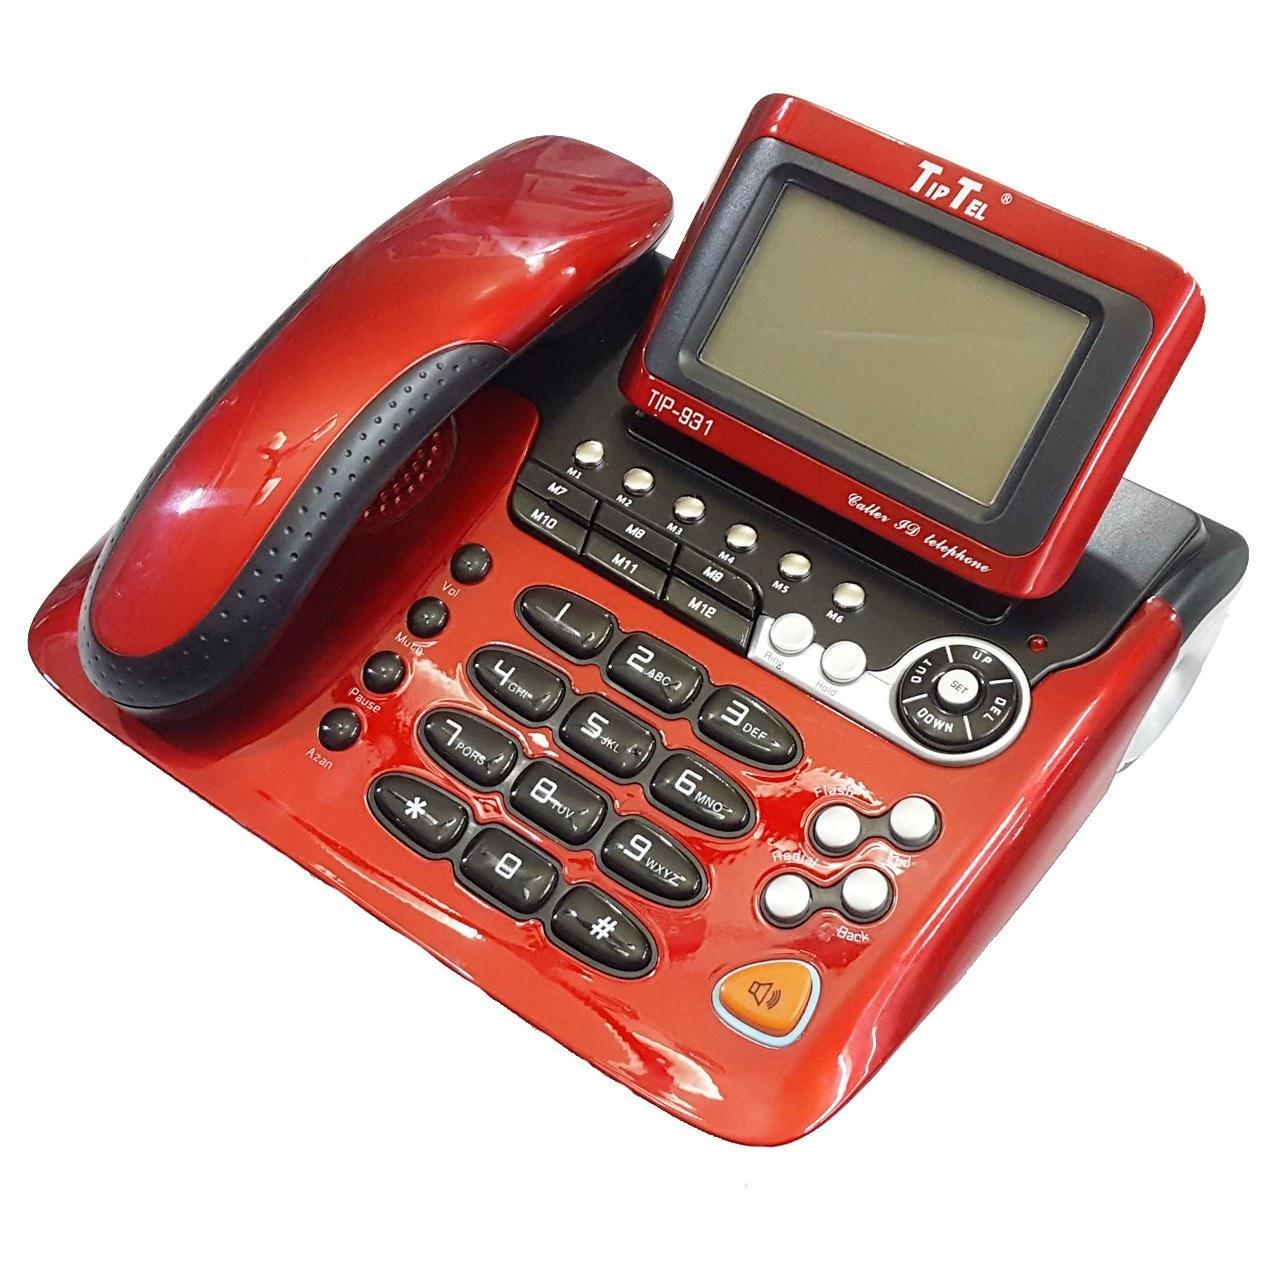 تصویر تلفن تیپ تل مدل Tip-931 TipTel Tip-931 Phone